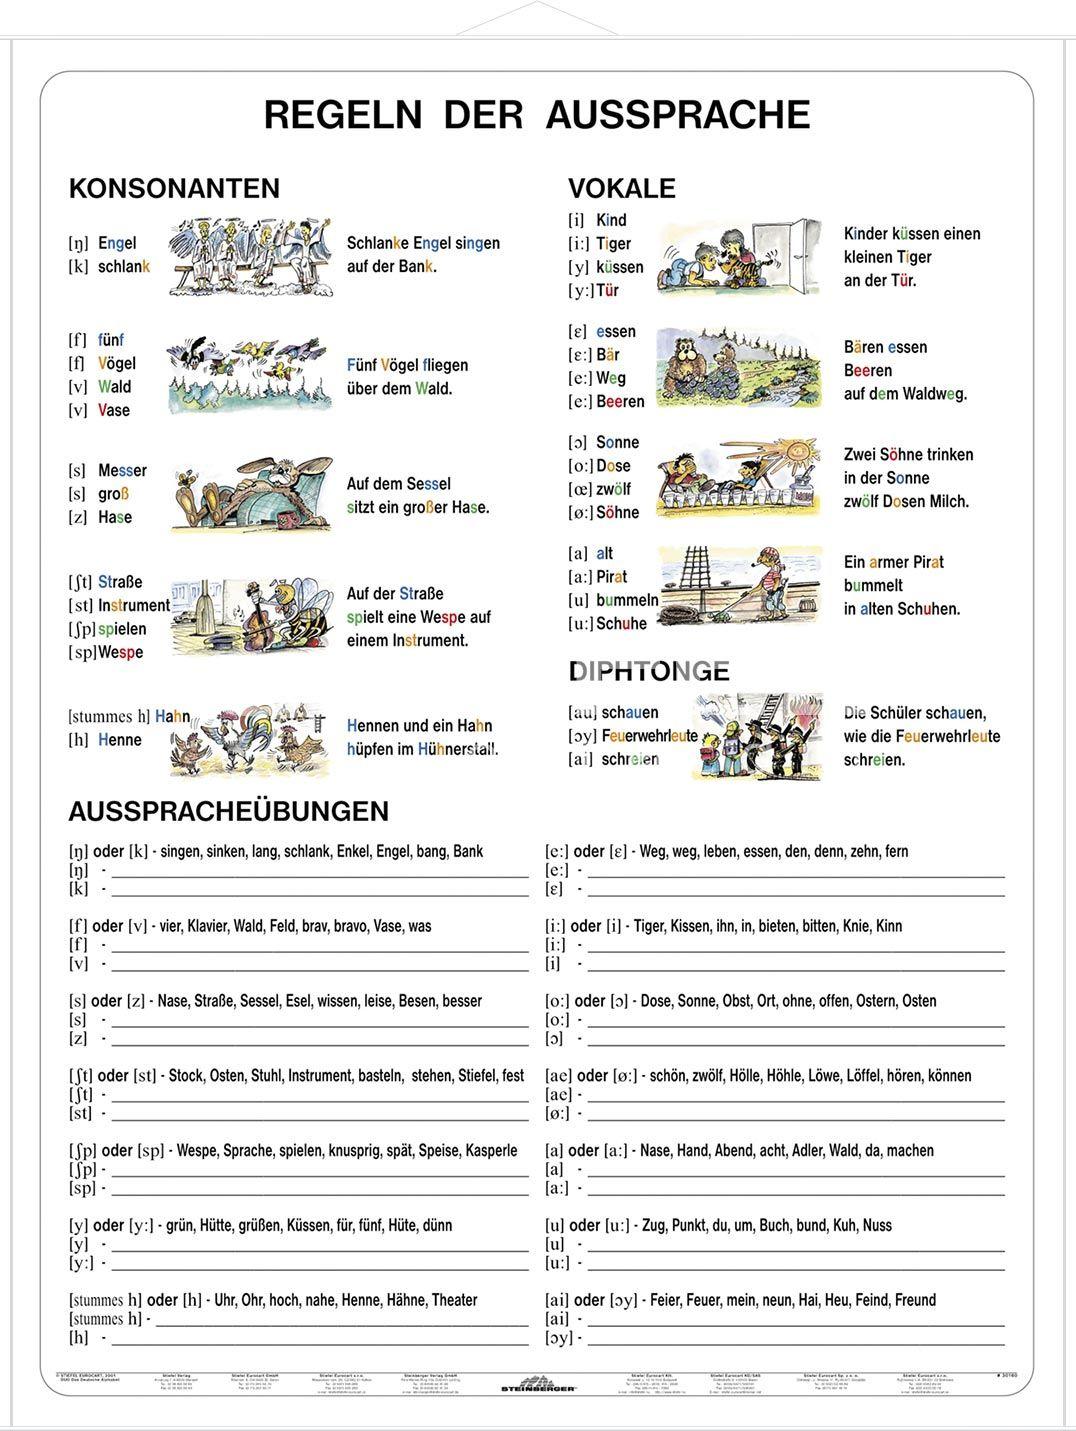 DUO Das Deutsche Alphabet / Regeln der Aussprache - Lerndino.de ...